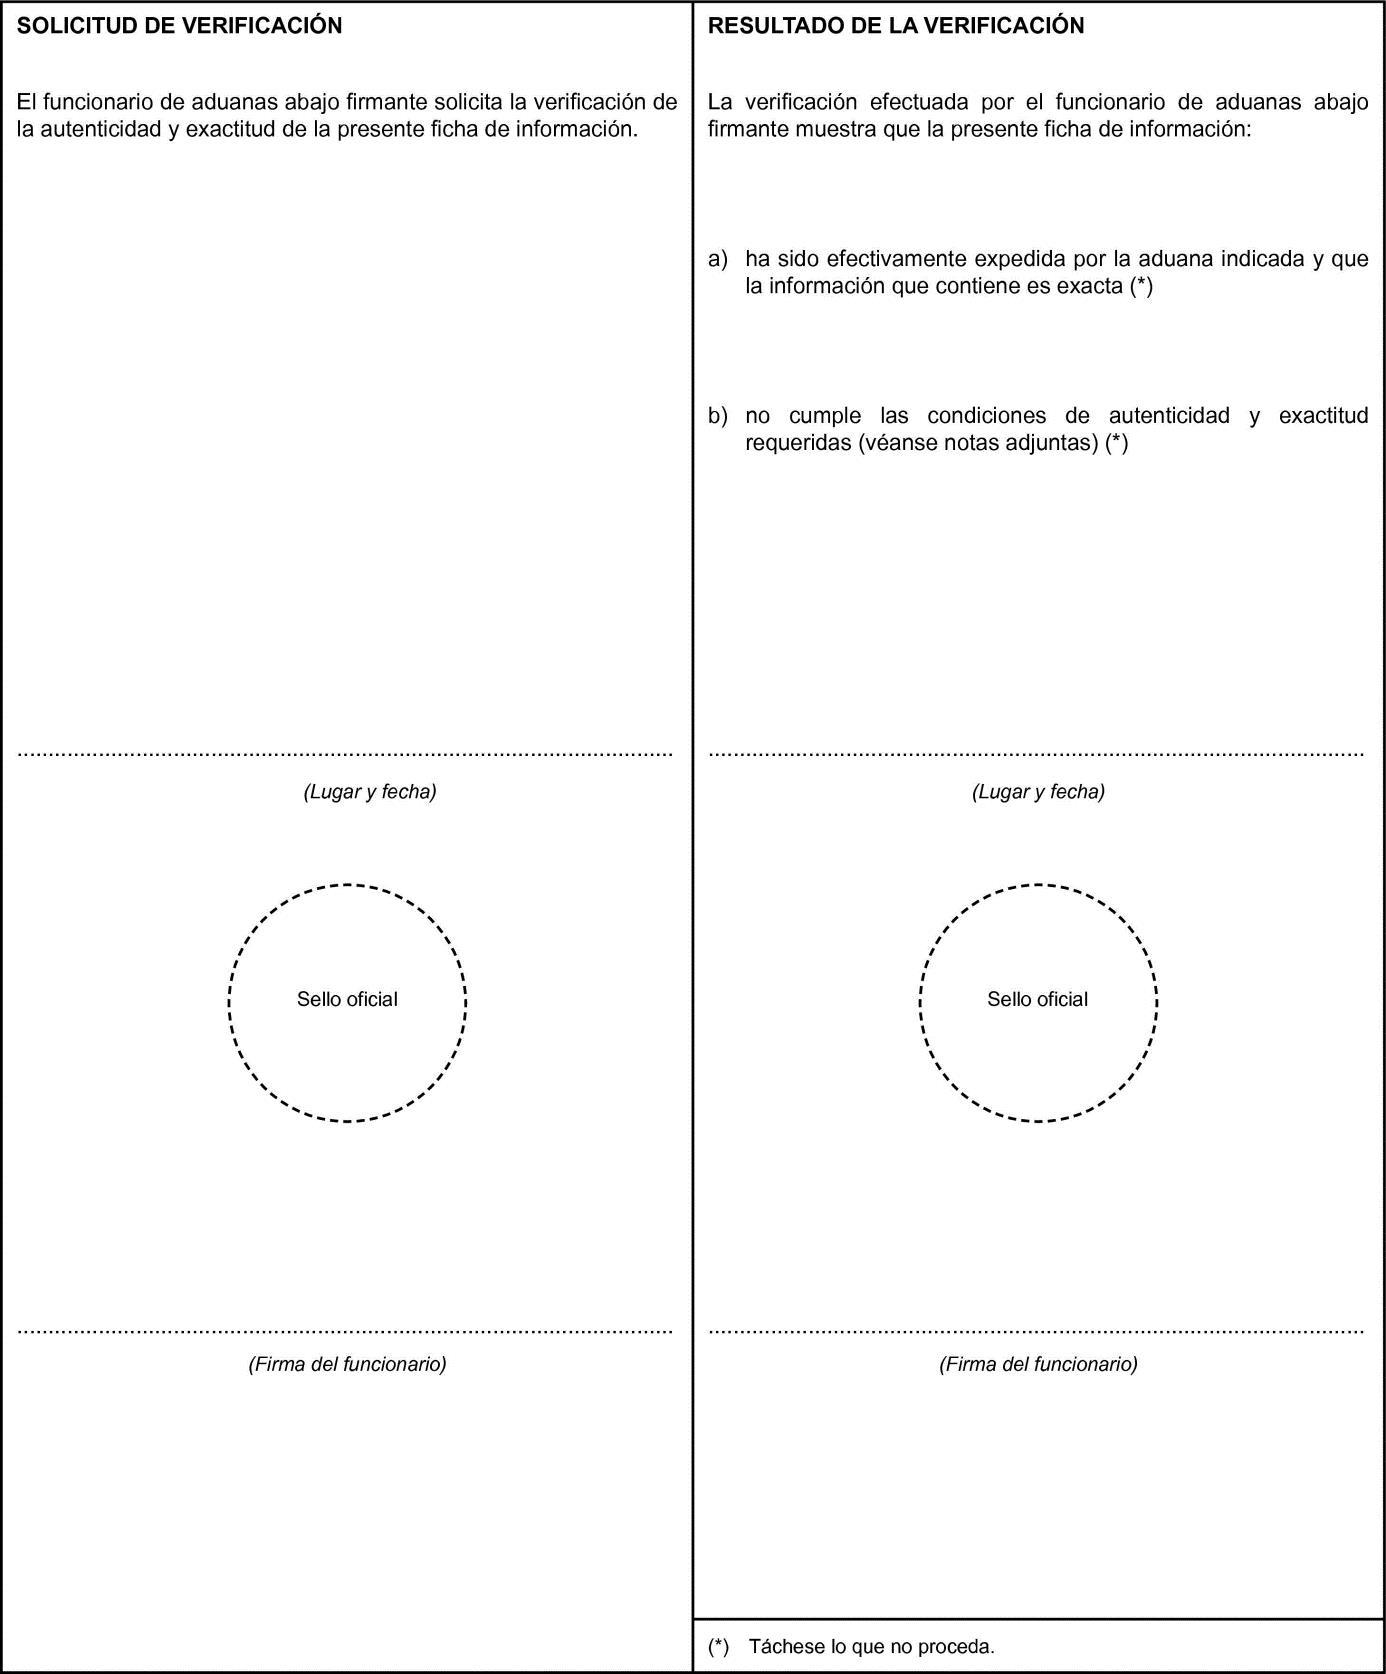 EUR-Lex - 52015PC0282 - EN - EUR-Lex